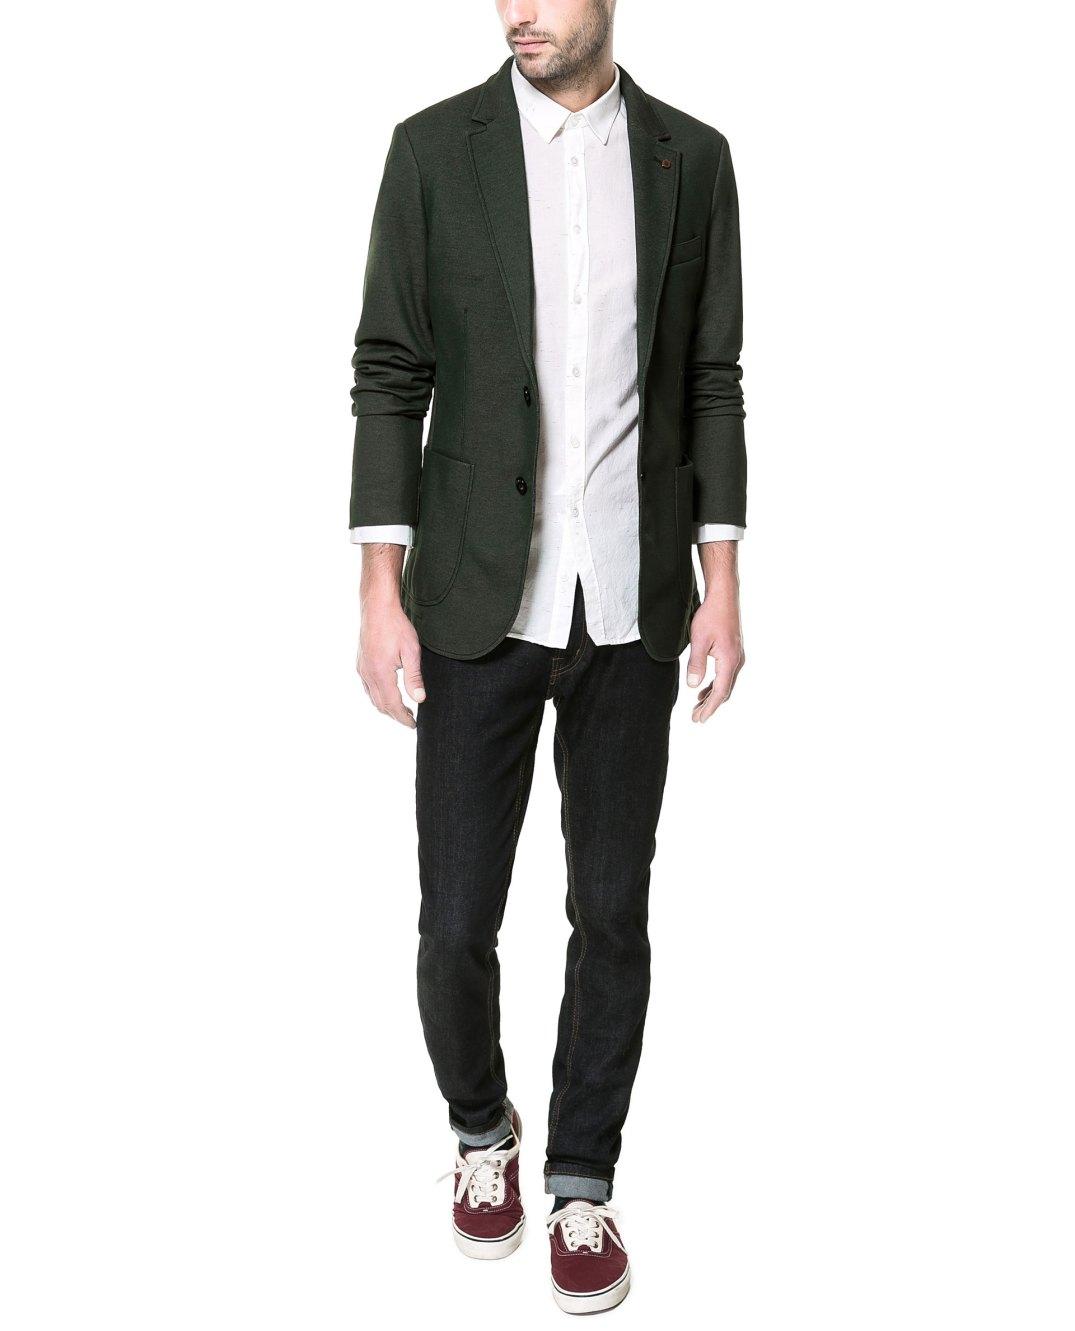 Blazer verde combinada con vaquero negro y zapatilla deportiva granate de Zara.com